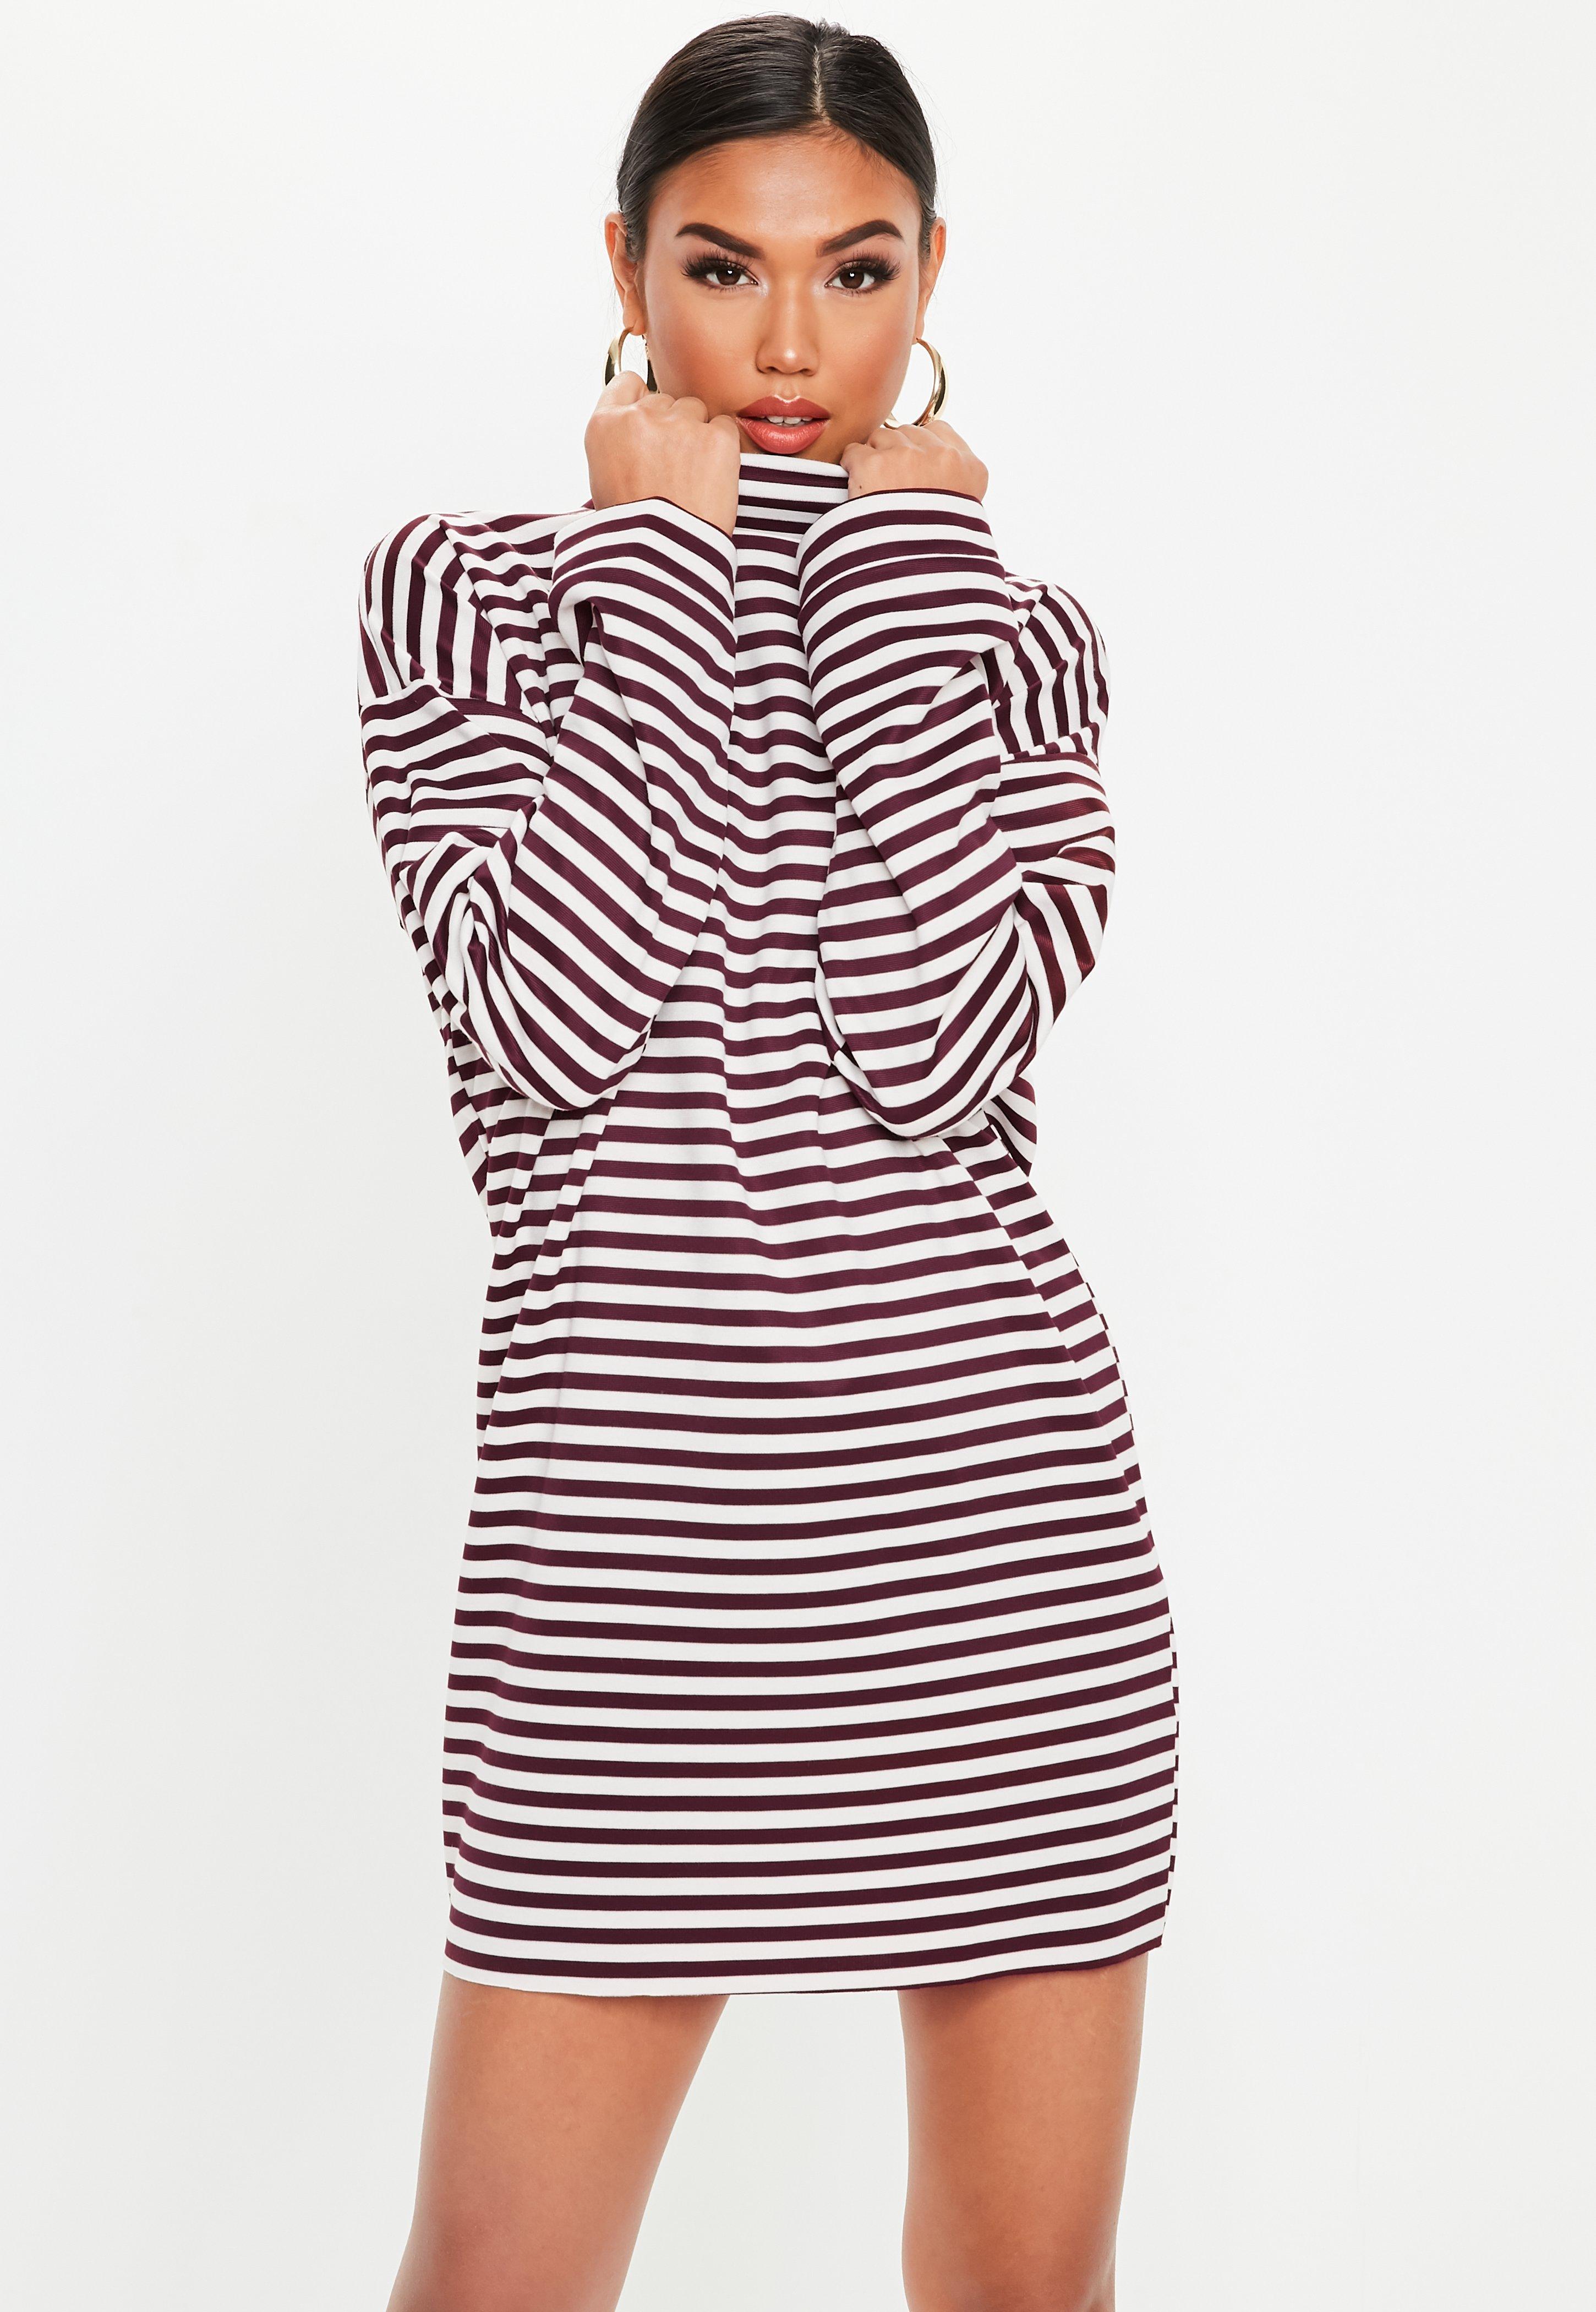 Langärmlige Kleider - Kleider für Damen - Missguided DE 80d1689294